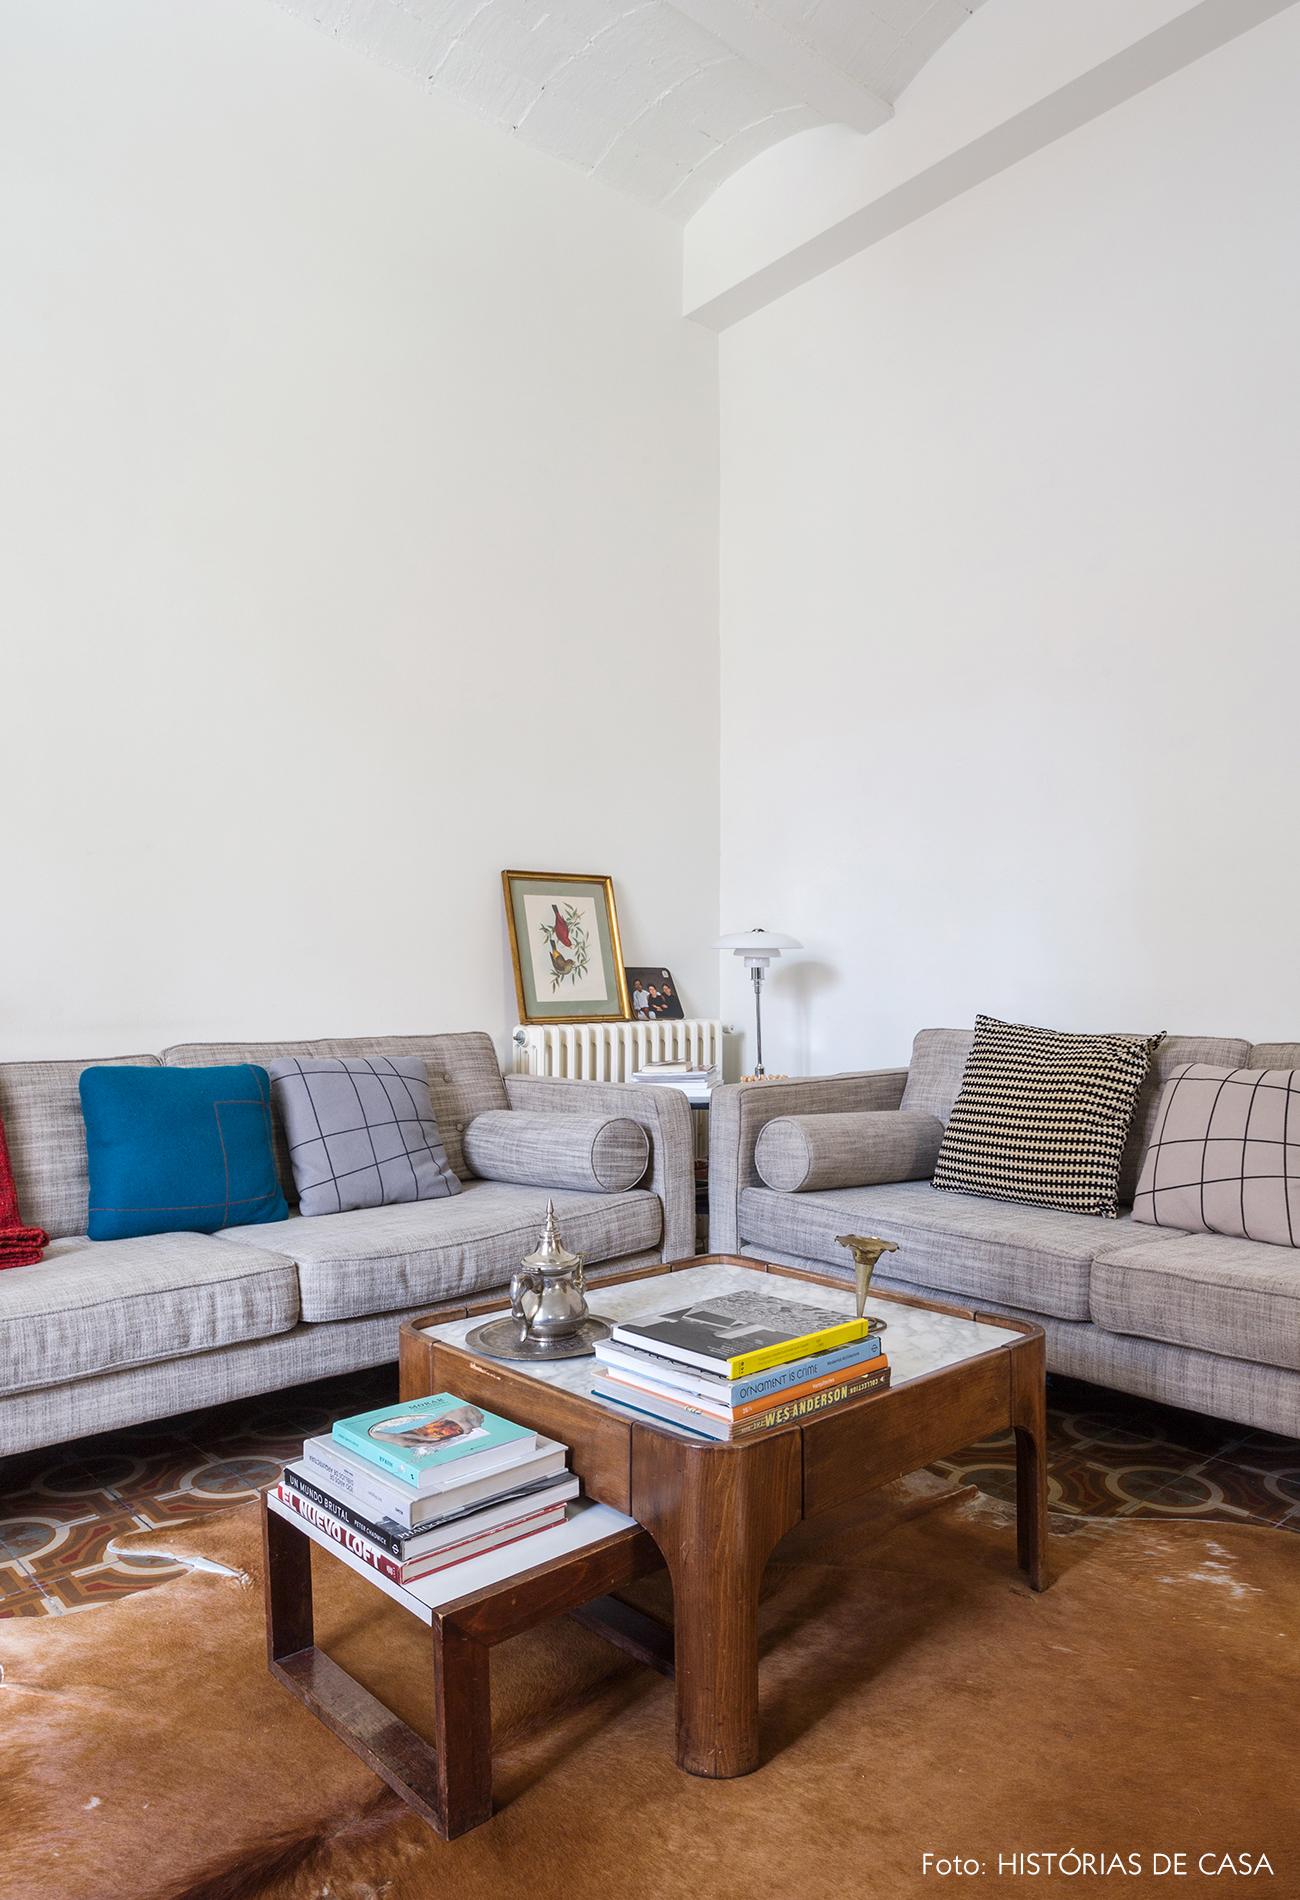 Apartamento em Barcelona com piso de ladrilhos na sala